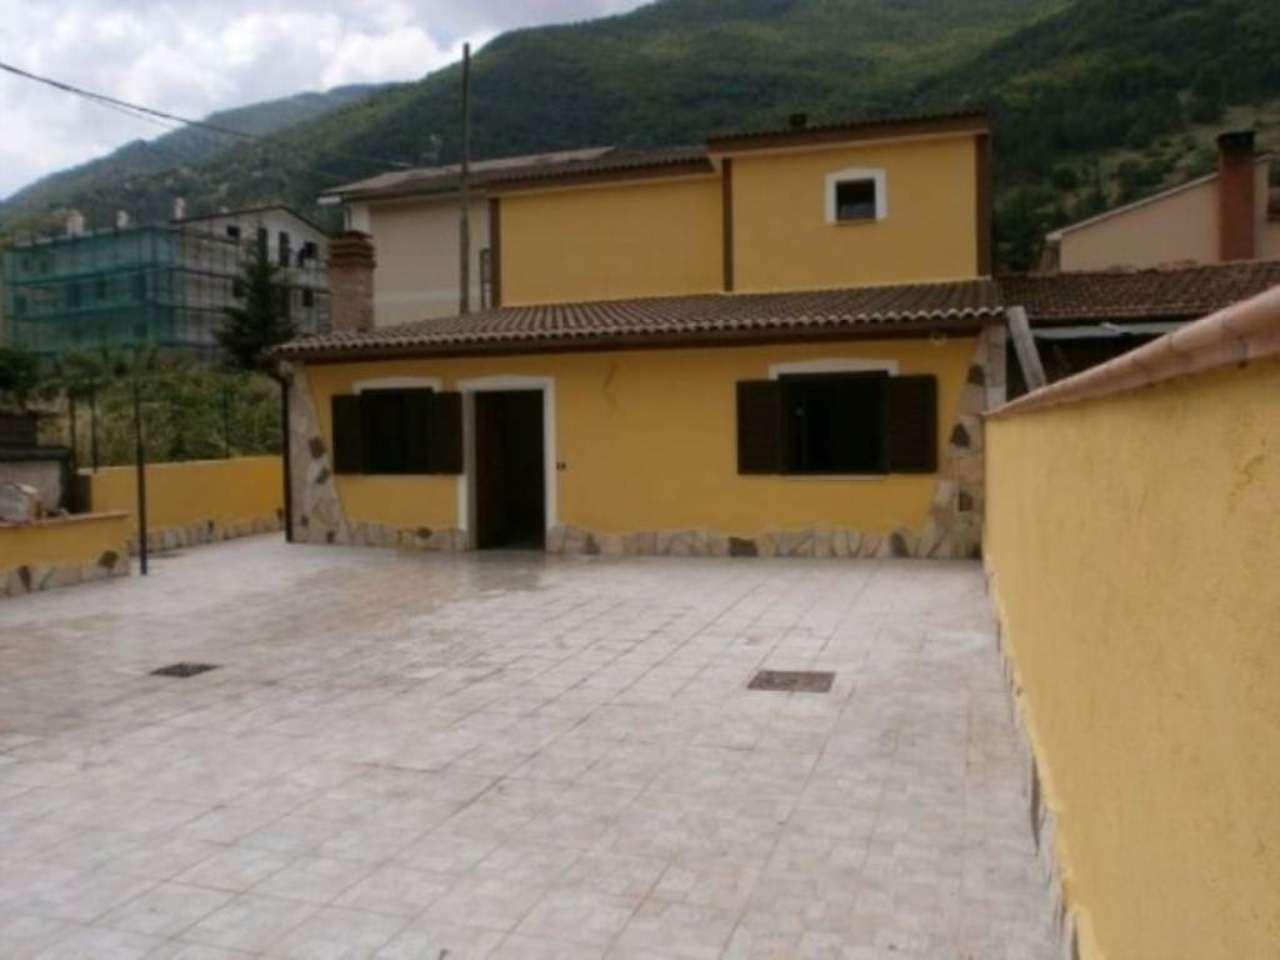 Villa a Schiera in vendita a Villalago, 6 locali, prezzo € 115.000 | CambioCasa.it